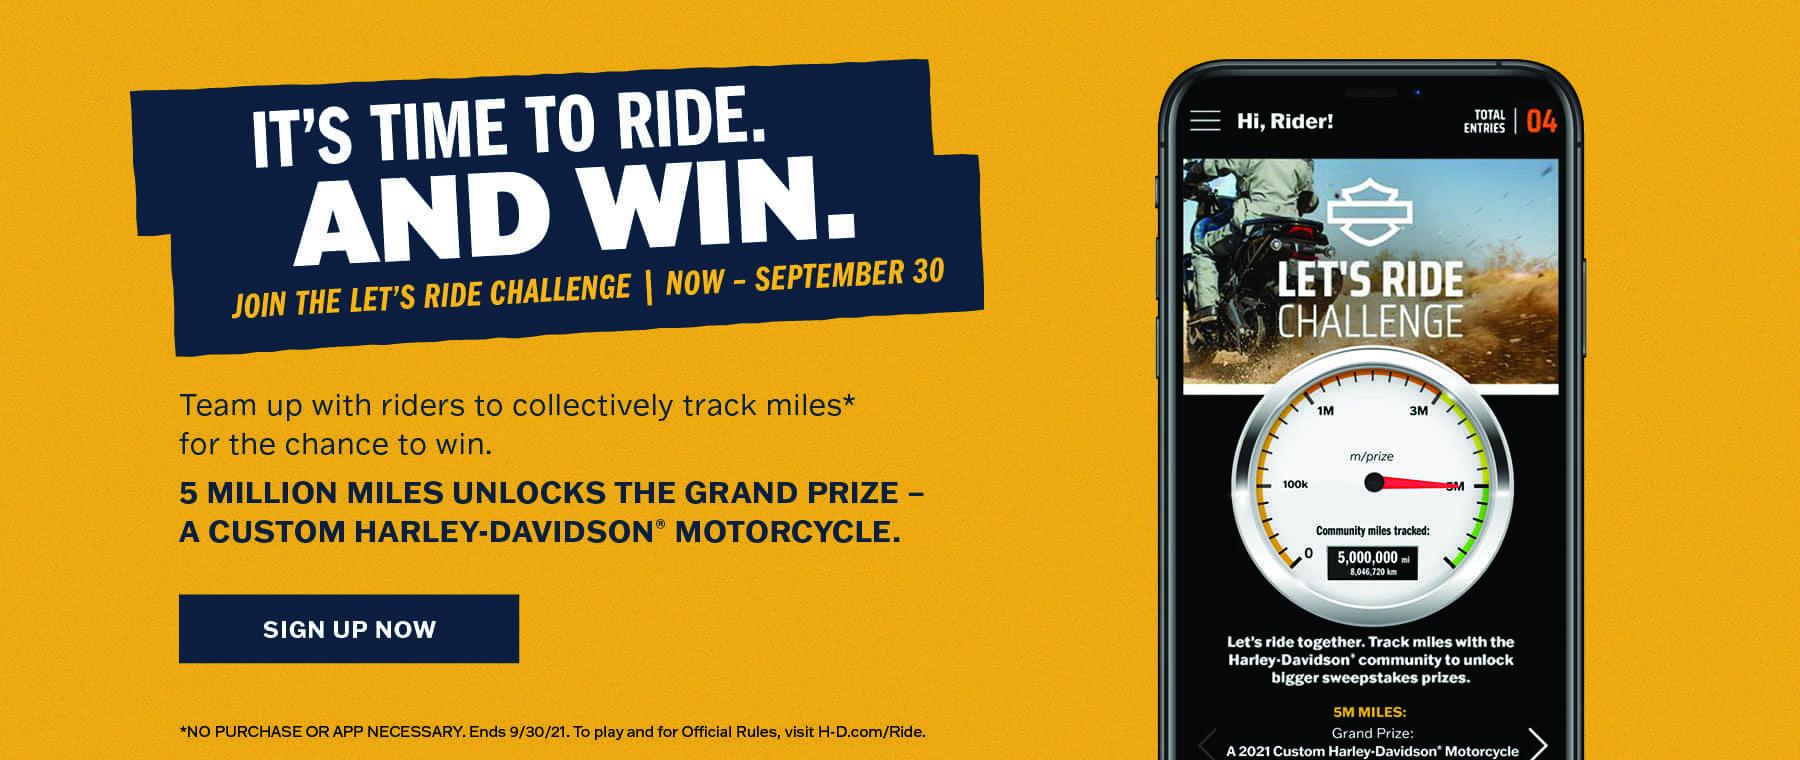 lets-ride-challenge-1800×760-web-banner-2